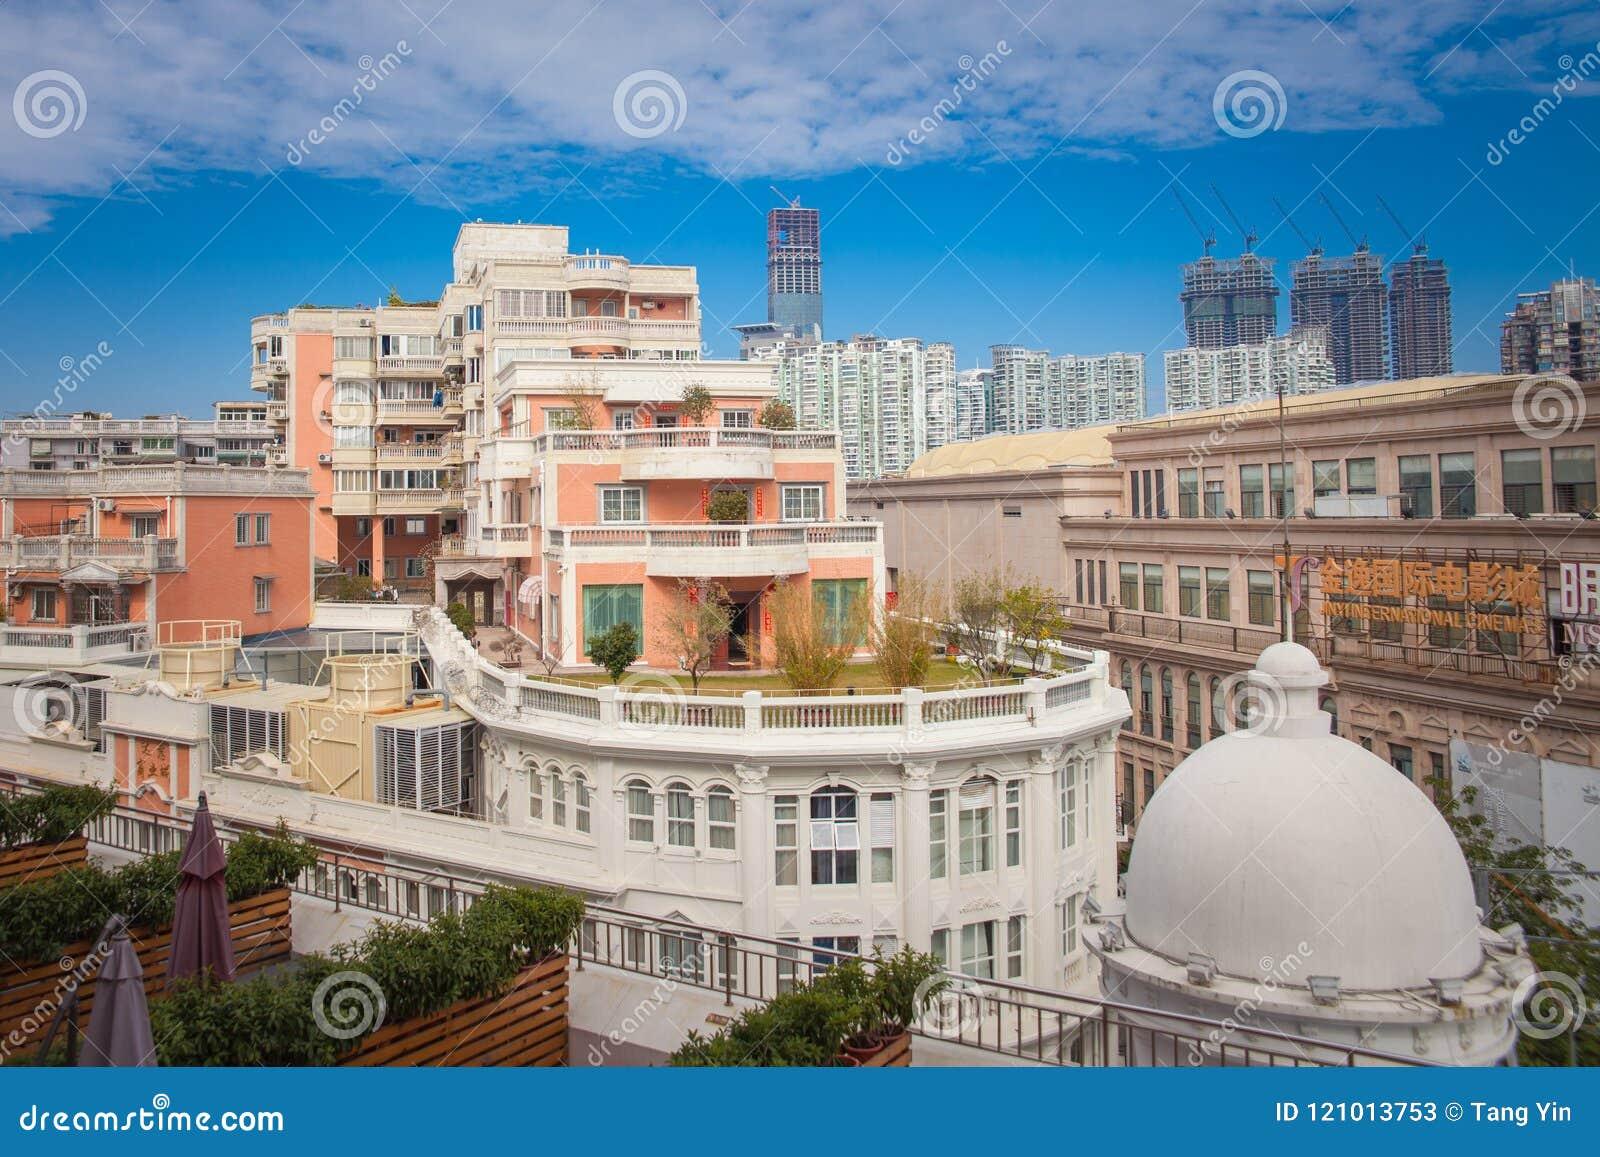 provincia de fujian la ciudad xiamen china 121013753